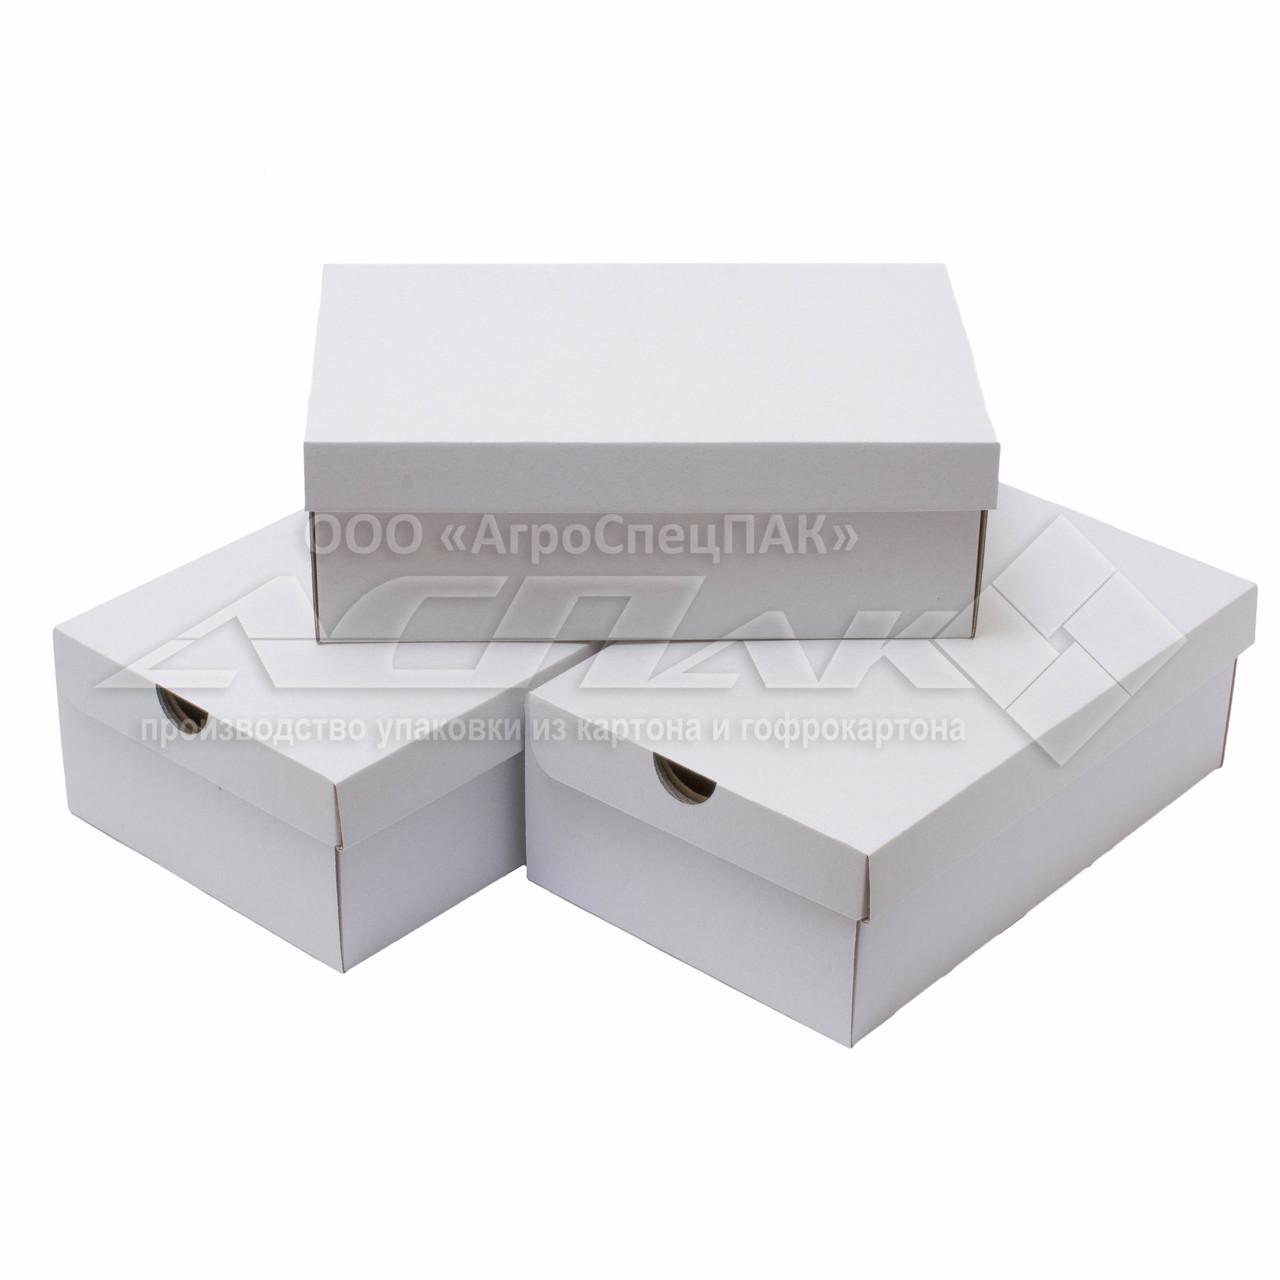 Коробка для обуви. Коробки для обуви 320*200*110 белые